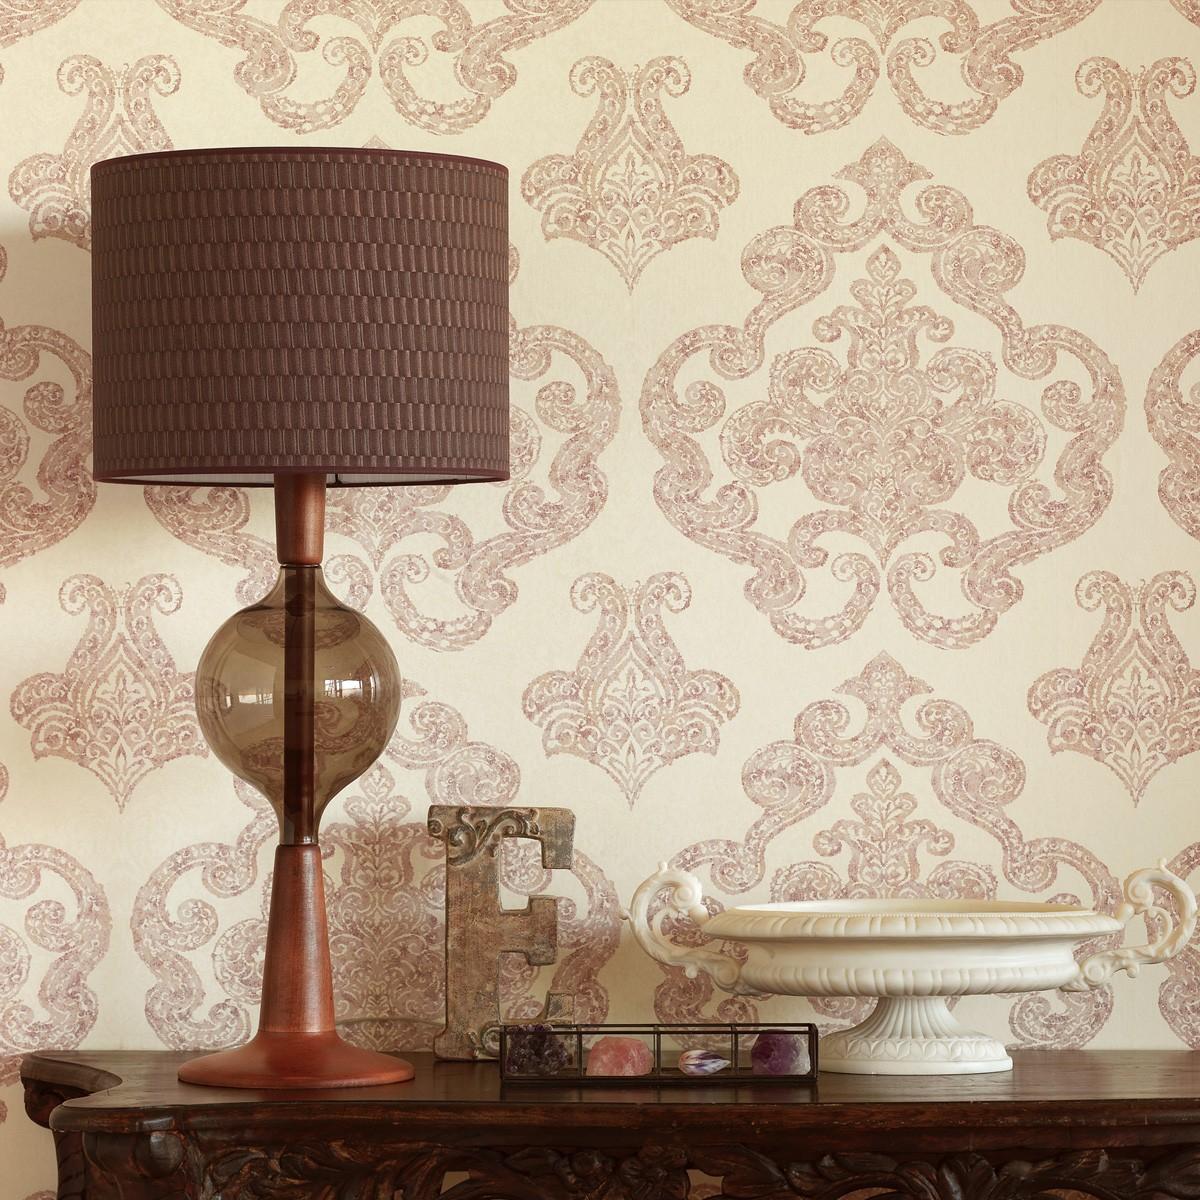 بالصور اشكال ورق جدران , اخفاء عيوب الجدران واطلالات عصرية من خلال ورق الحائط 1466 5